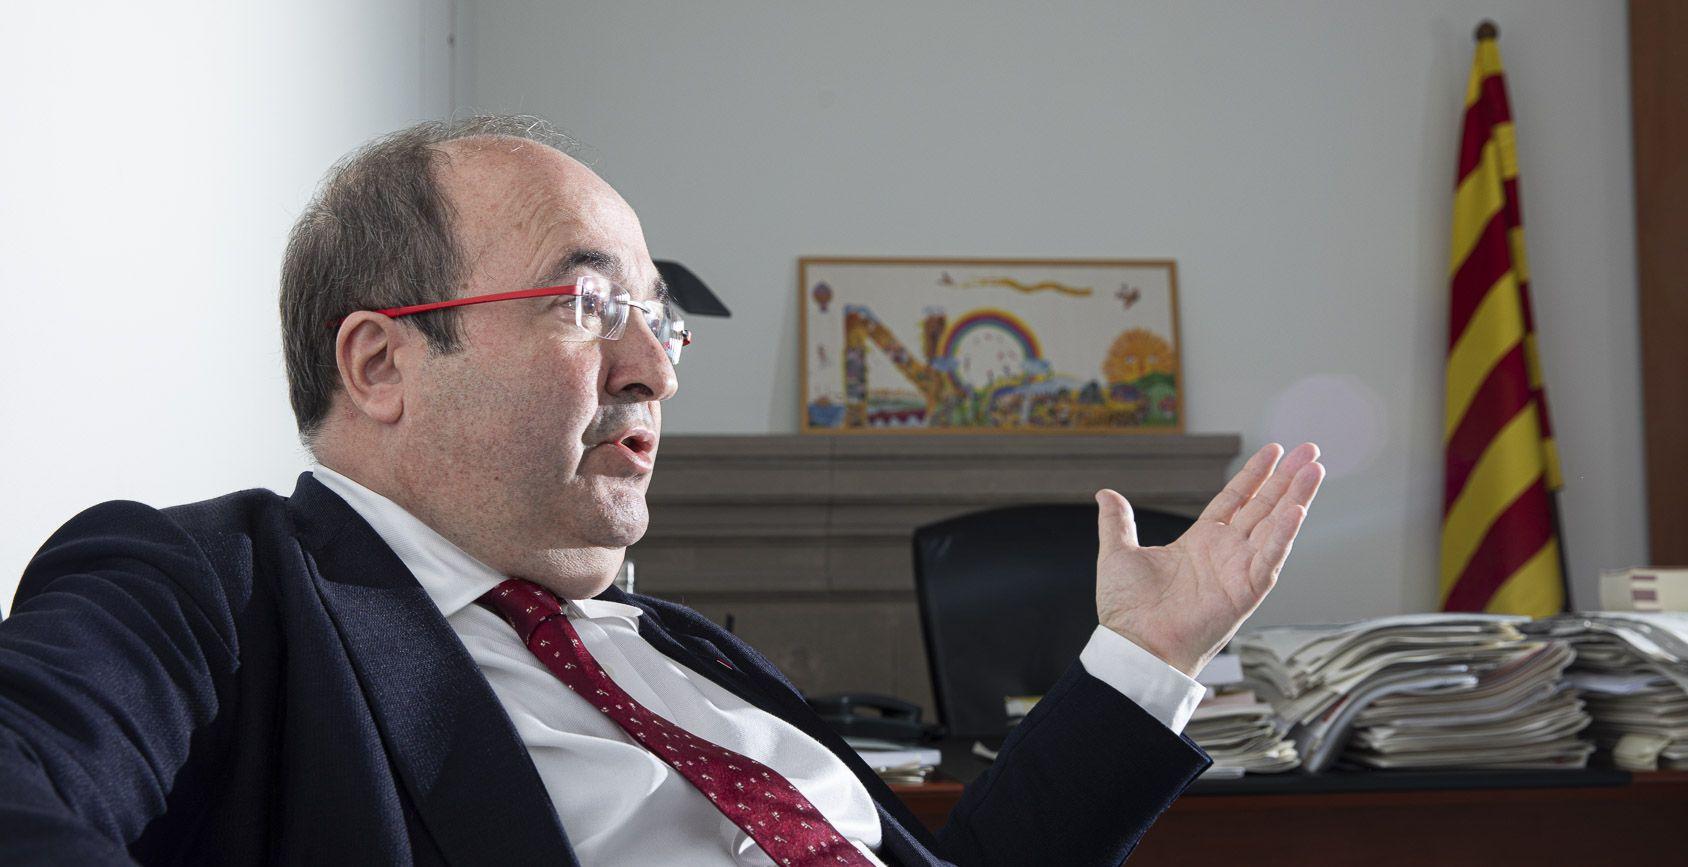 Miquel Iceta, entrevistat per El Món al seu despatx del Parlament, el desembre del 2020 / Jordi Borràs